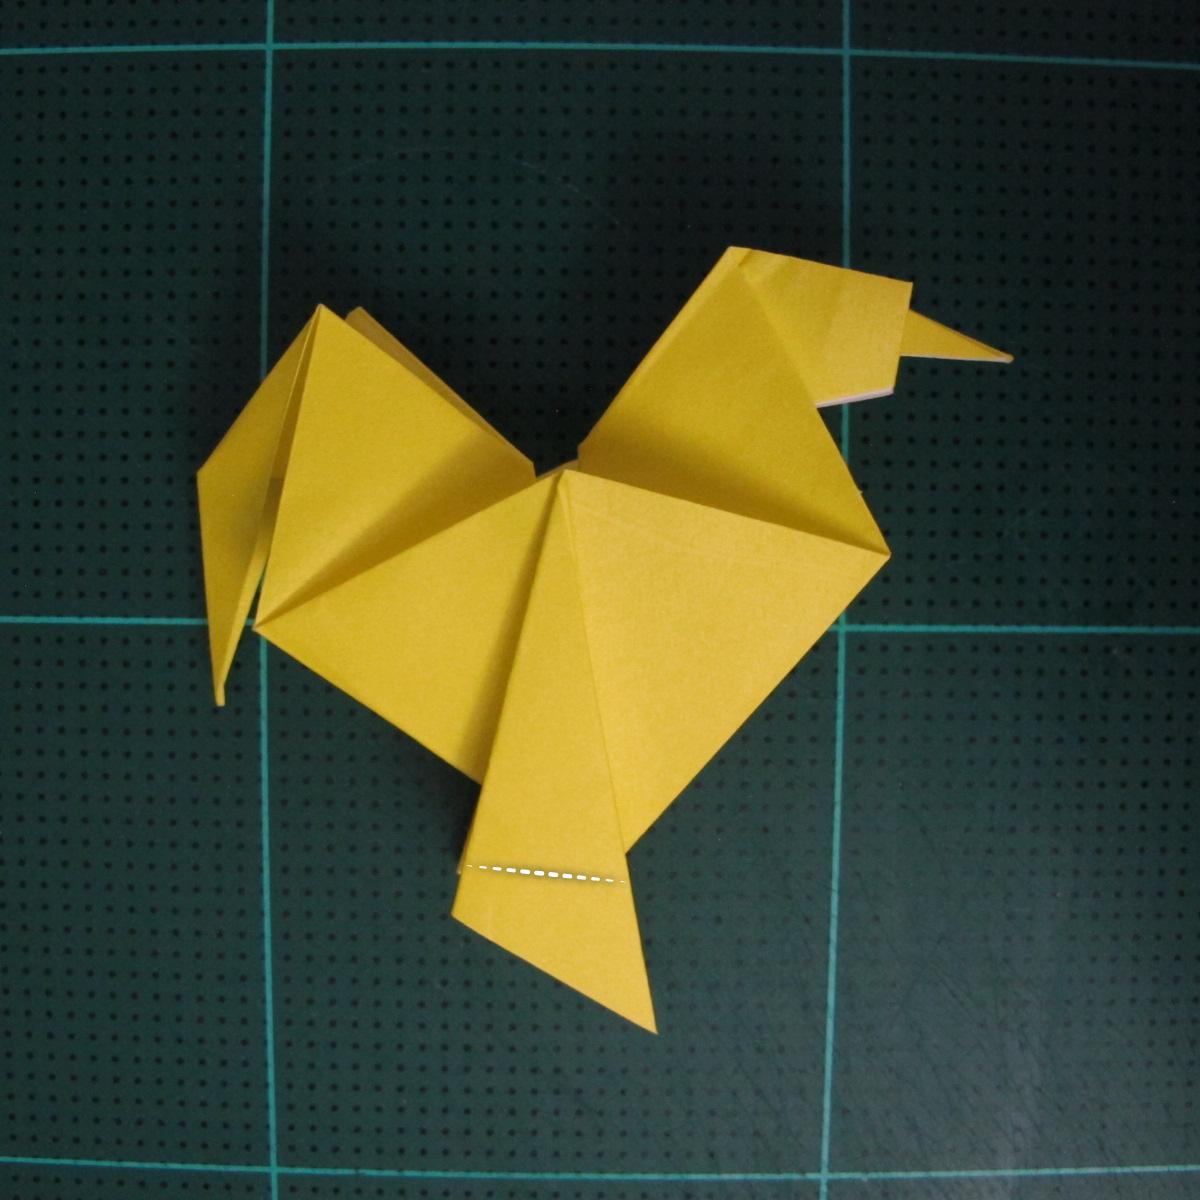 การพับกระดาษเป็นรูปไก่ (Origami Rooster) 009